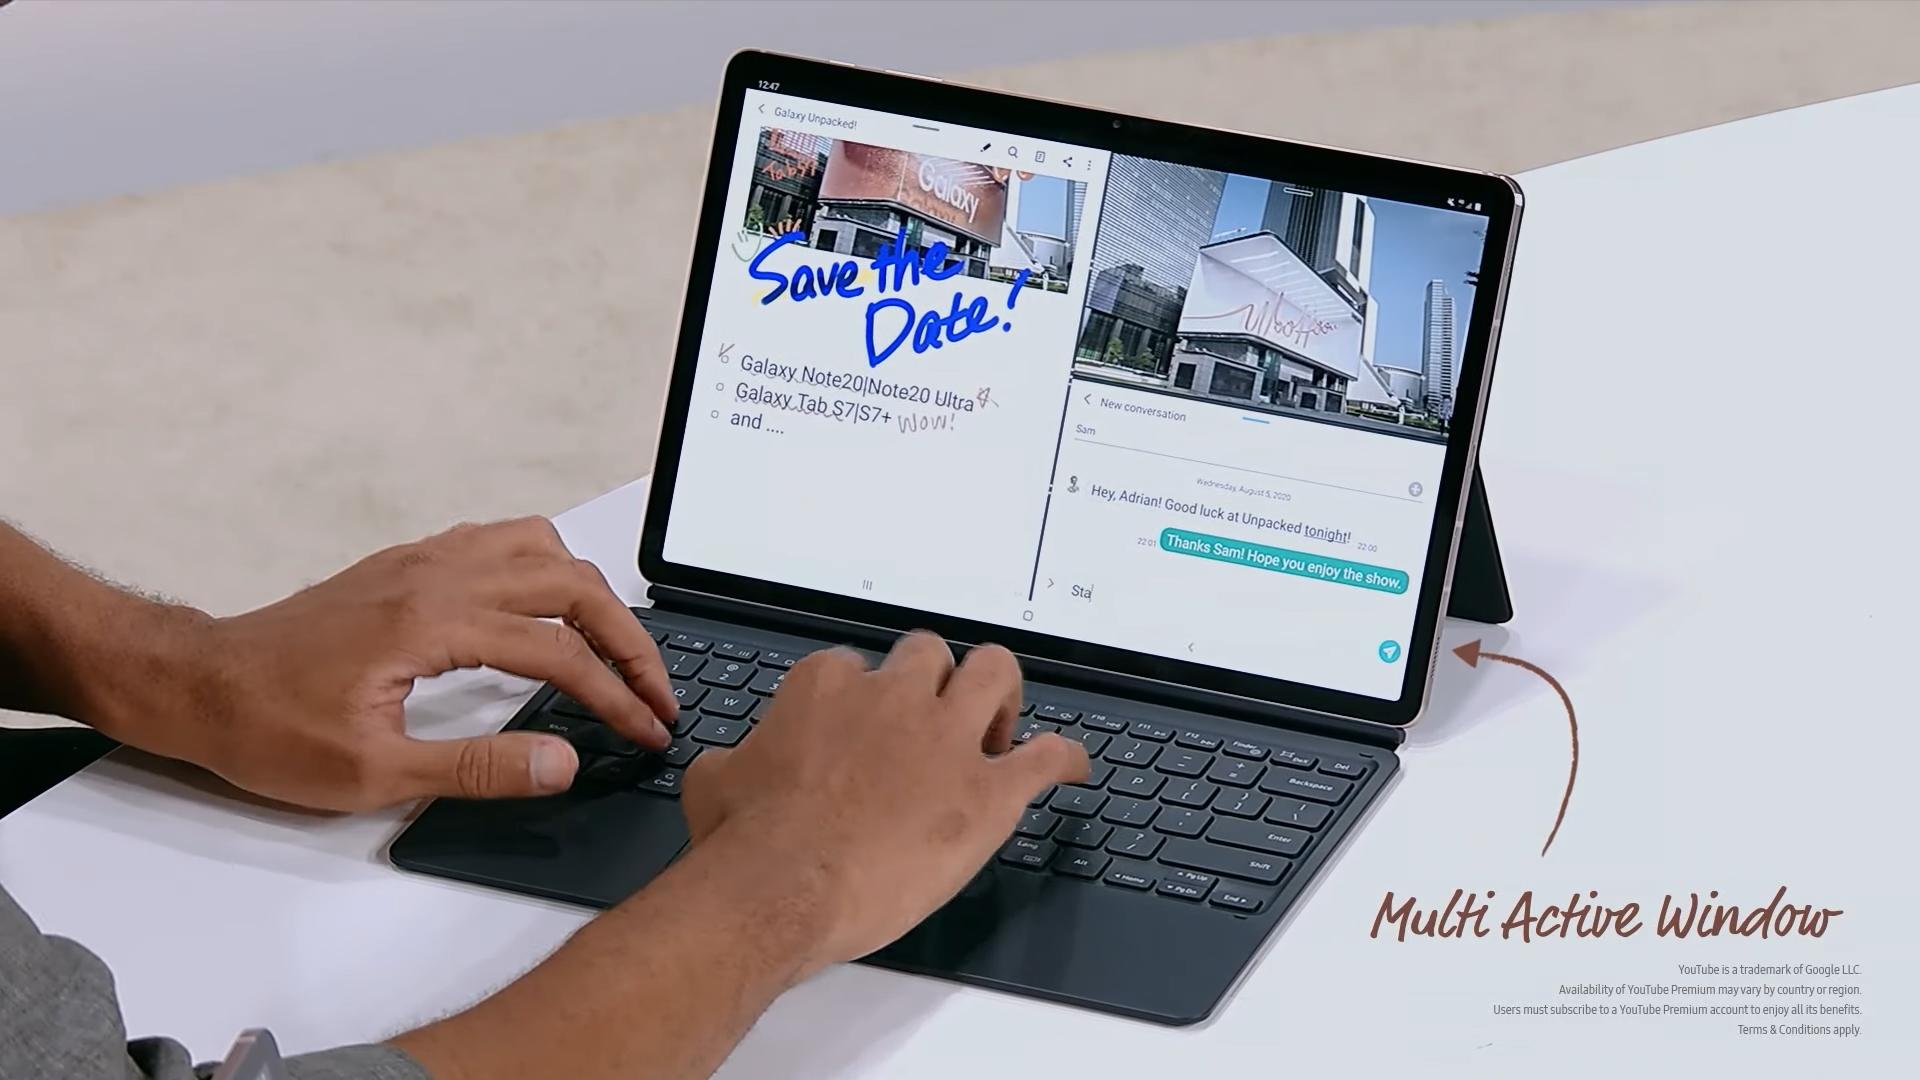 갤럭시 탭S7에 전용 북 커버 키보드를 조합해 노트북처럼 사용하고 있다. [사진=삼성전자]